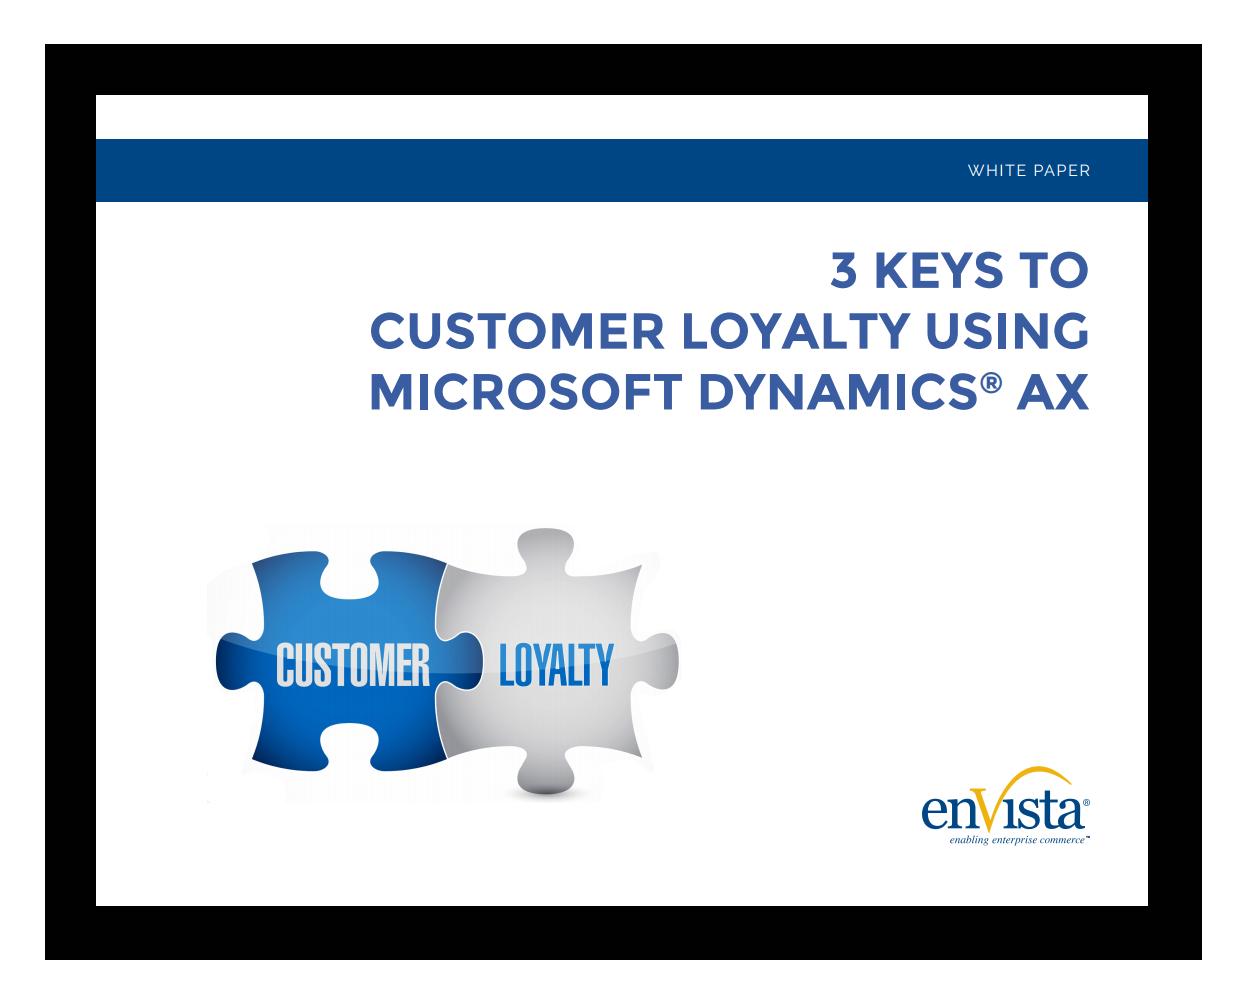 Image_3-keys-to-customer-loyalty-using-microsoft-dynamics-AX.png